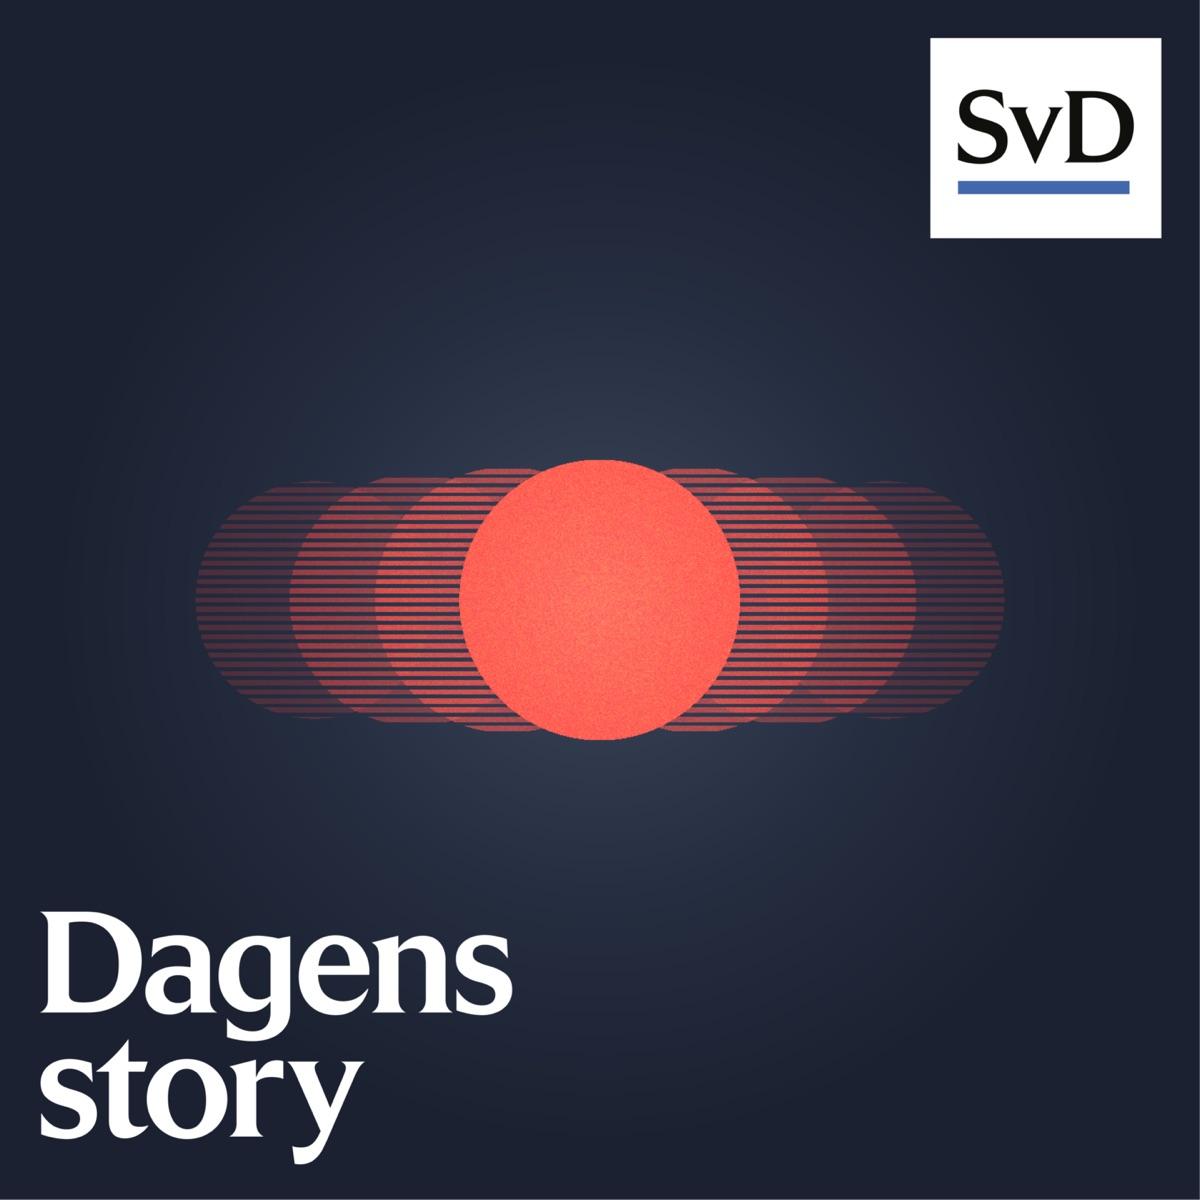 Dagens story